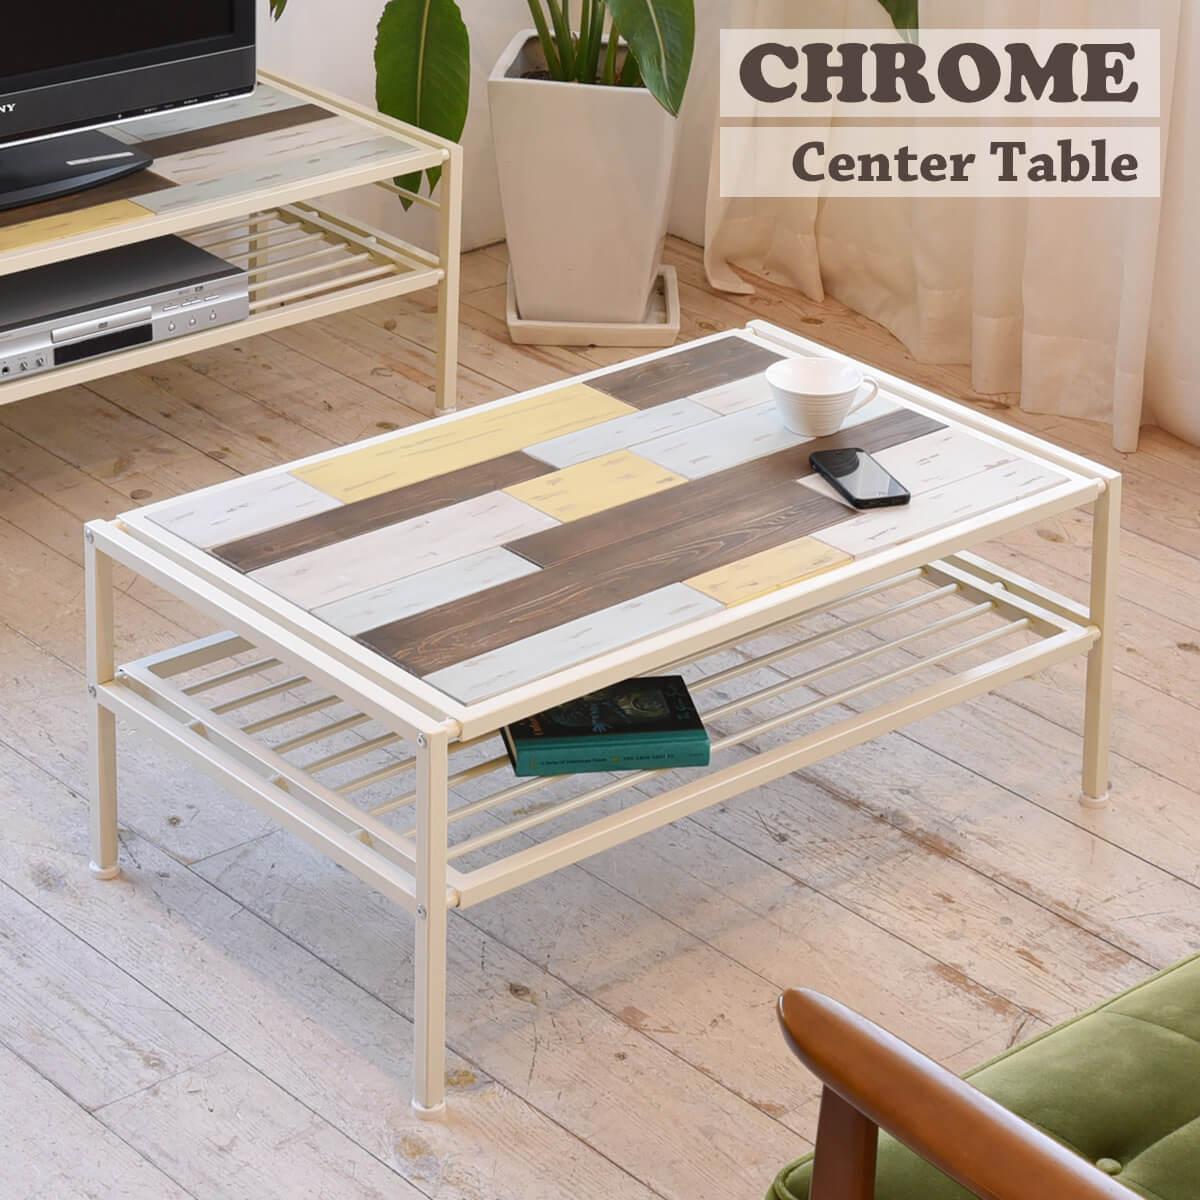 【送料無料】センターテーブル 天然木 テーブル ローテーブル リビングテーブル 北欧 木製 アイアン おしゃれ アンティーク 塗装 モダン スタイリッシュ ハンドメイド ナチュラル ホワイト CHROMEシリーズ CHCT-900